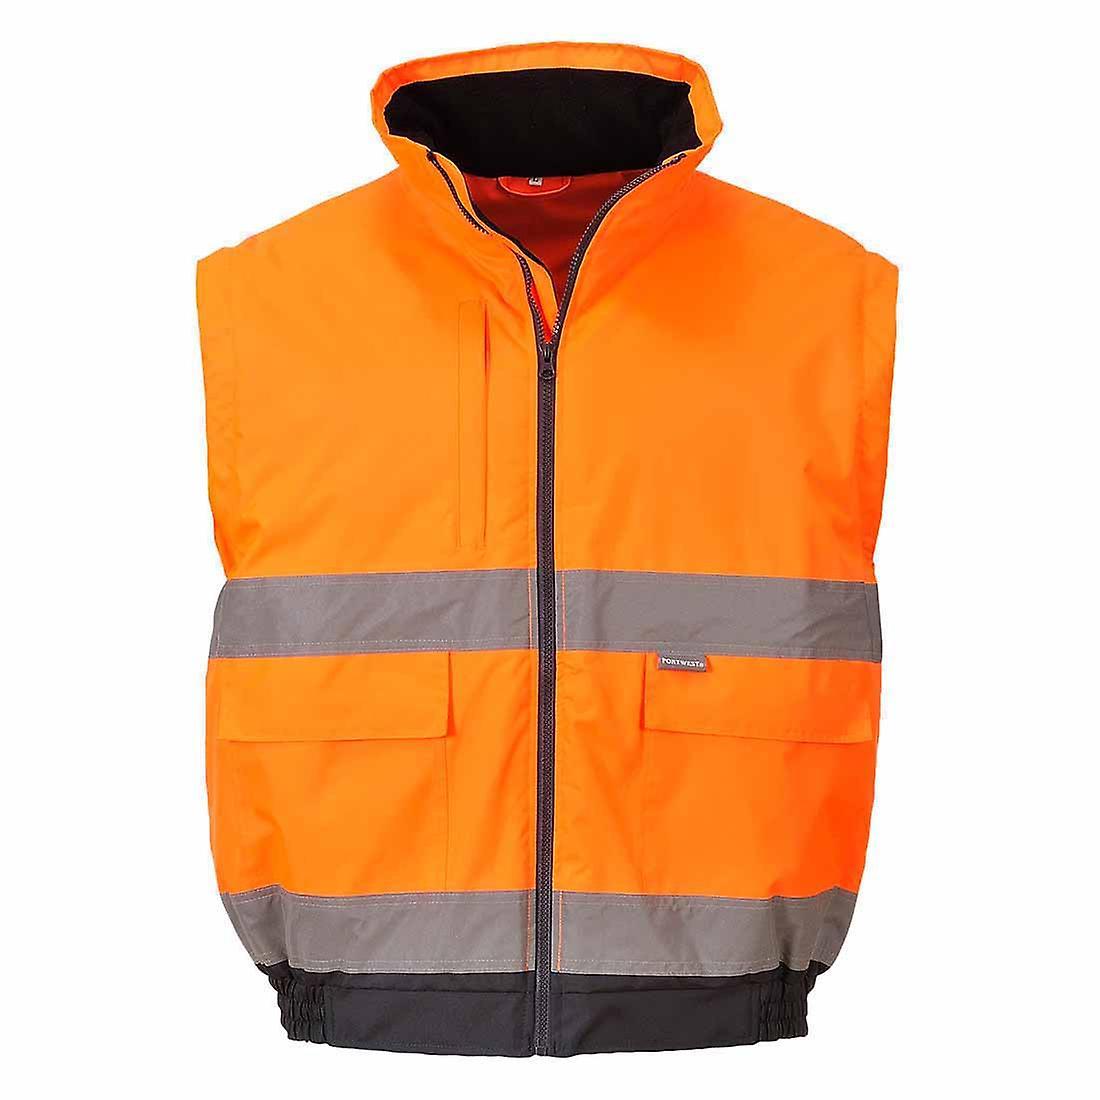 SUw - veste vêtehommests de travail de sécurité Hi-Vis 2-en-1